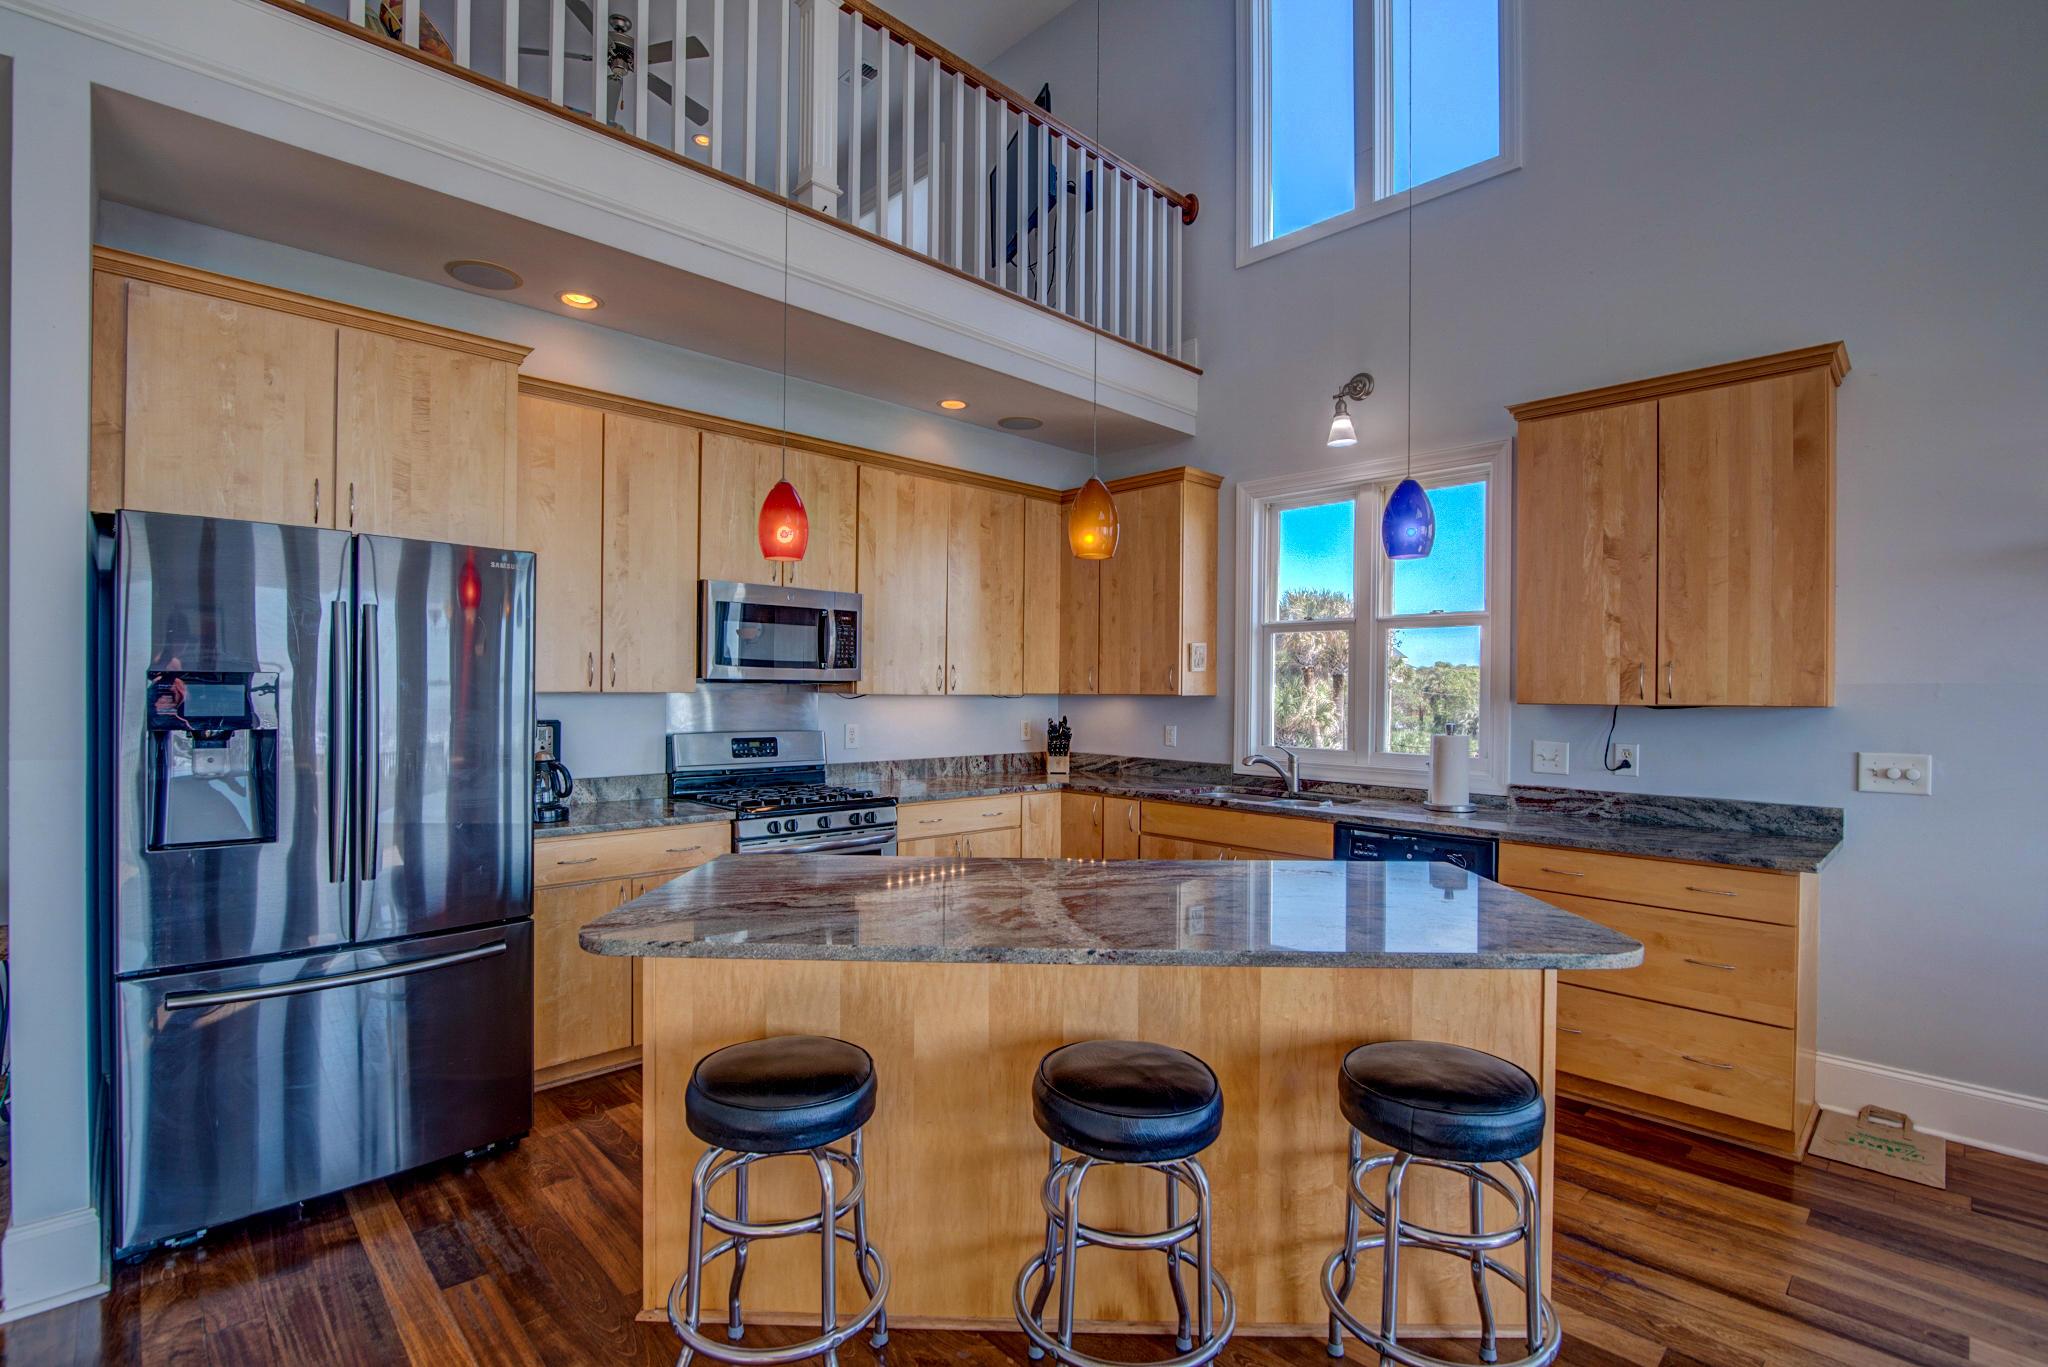 Folly Beach Homes For Sale - 319 Arctic, Folly Beach, SC - 6